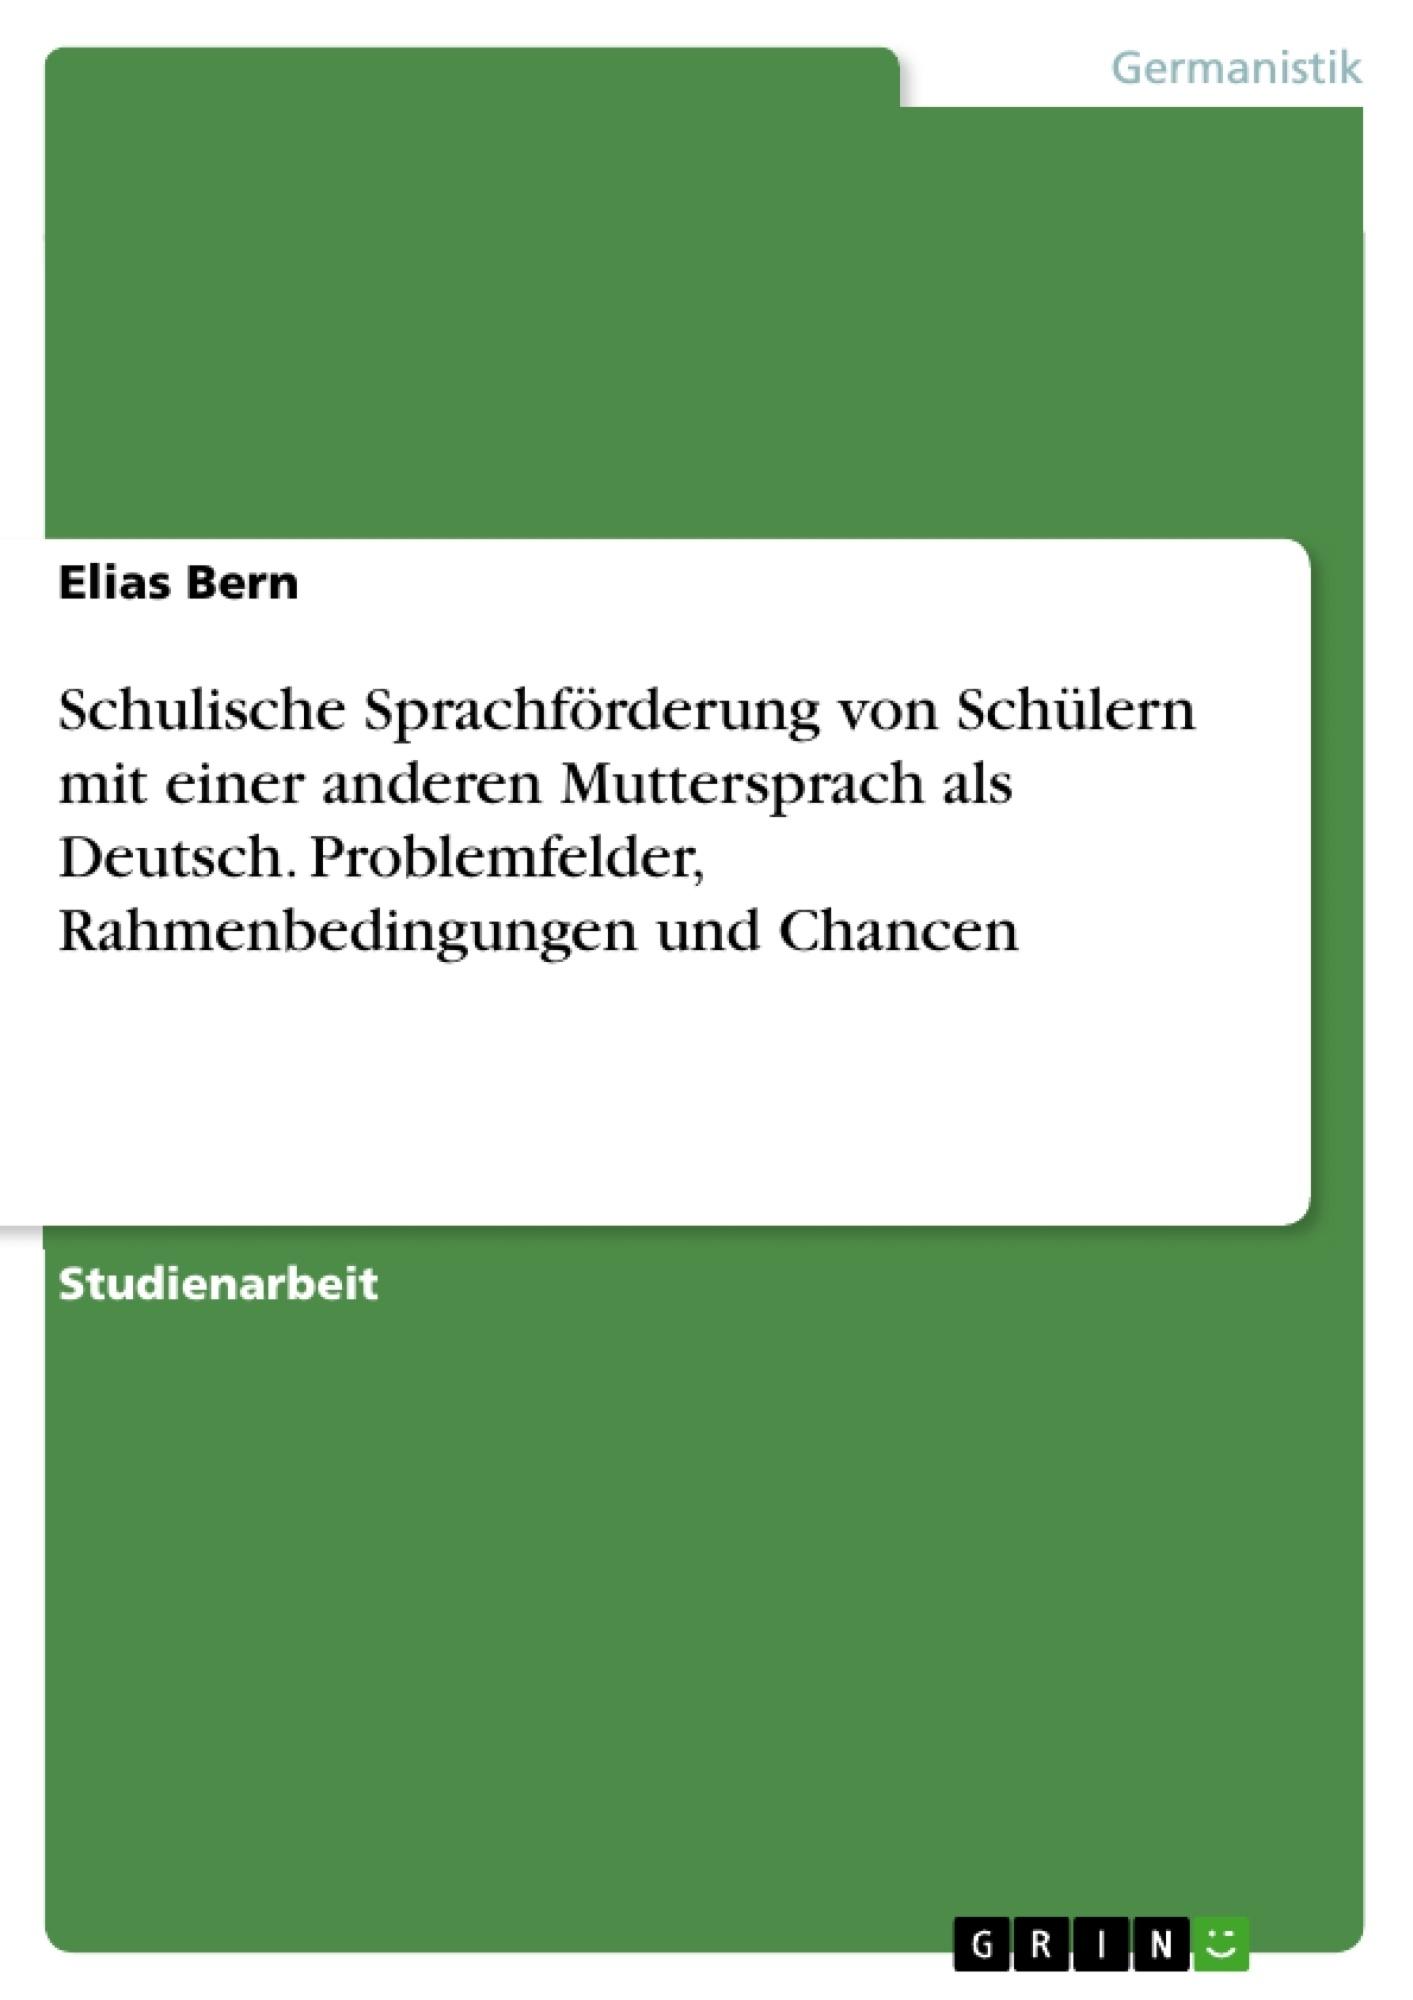 Titel: Schulische Sprachförderung von Schülern mit einer anderen Muttersprach als Deutsch. Problemfelder, Rahmenbedingungen und Chancen